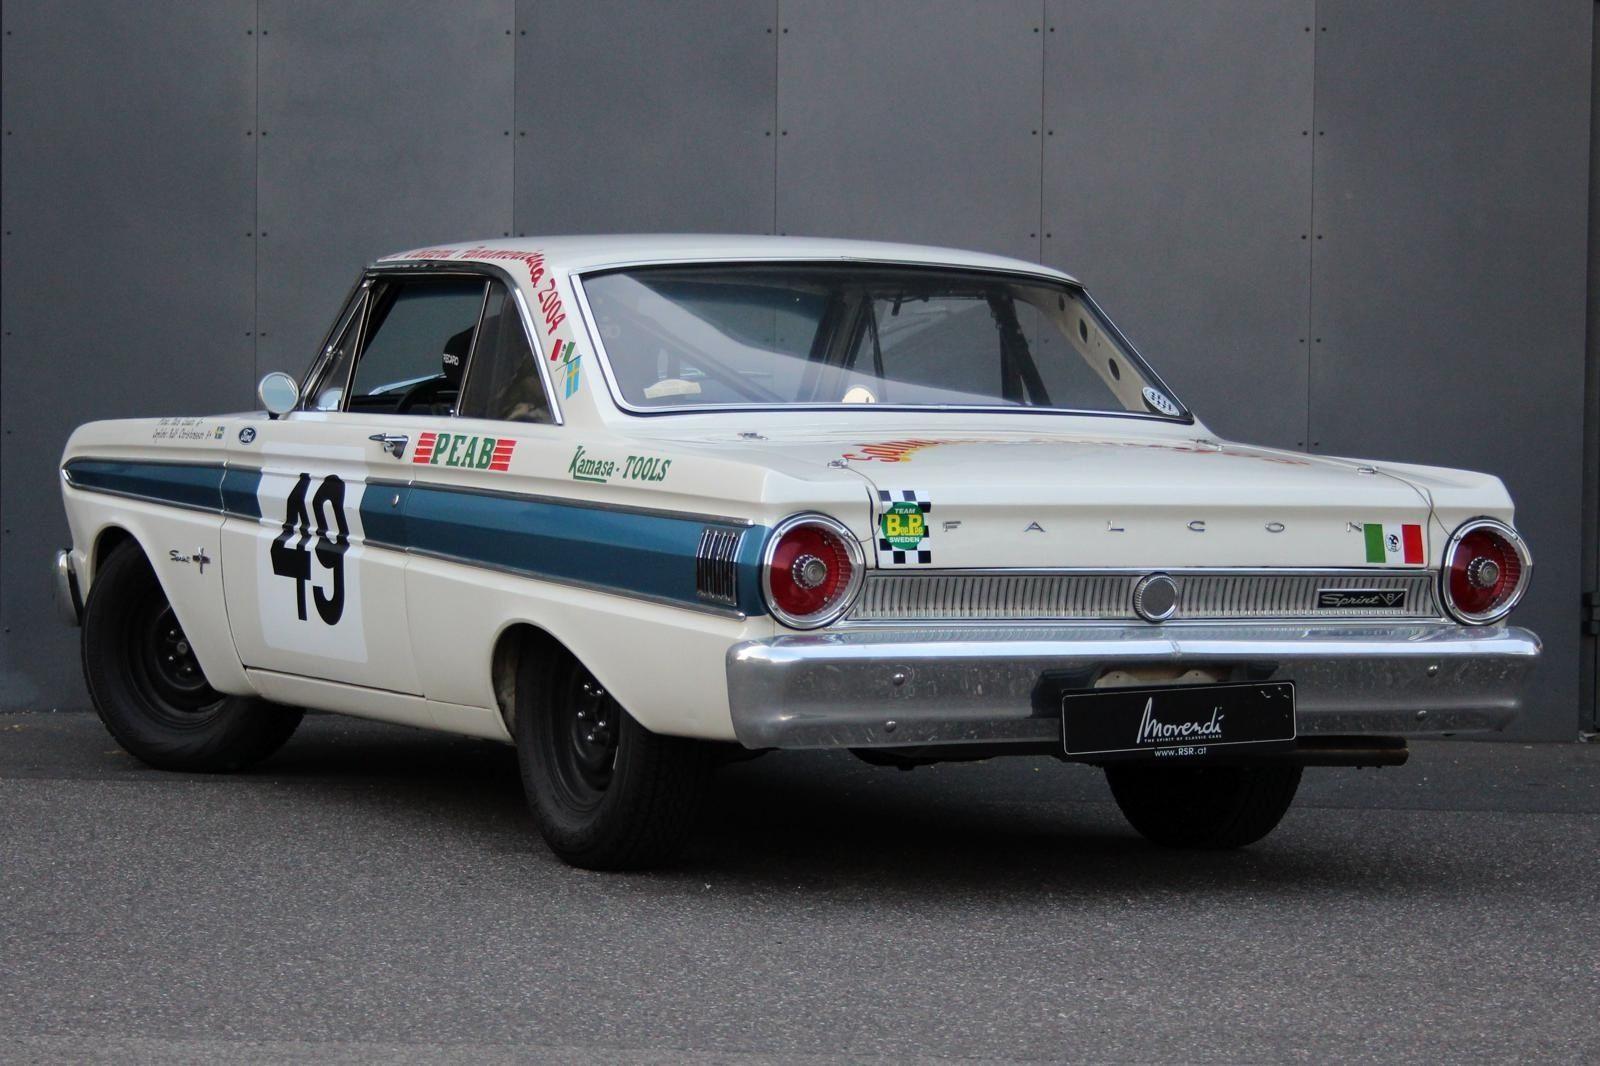 Restored 1964 Falcon Futura Sprint Coupe 65 Ford Falcon Ford Falcon Ford Fairlane